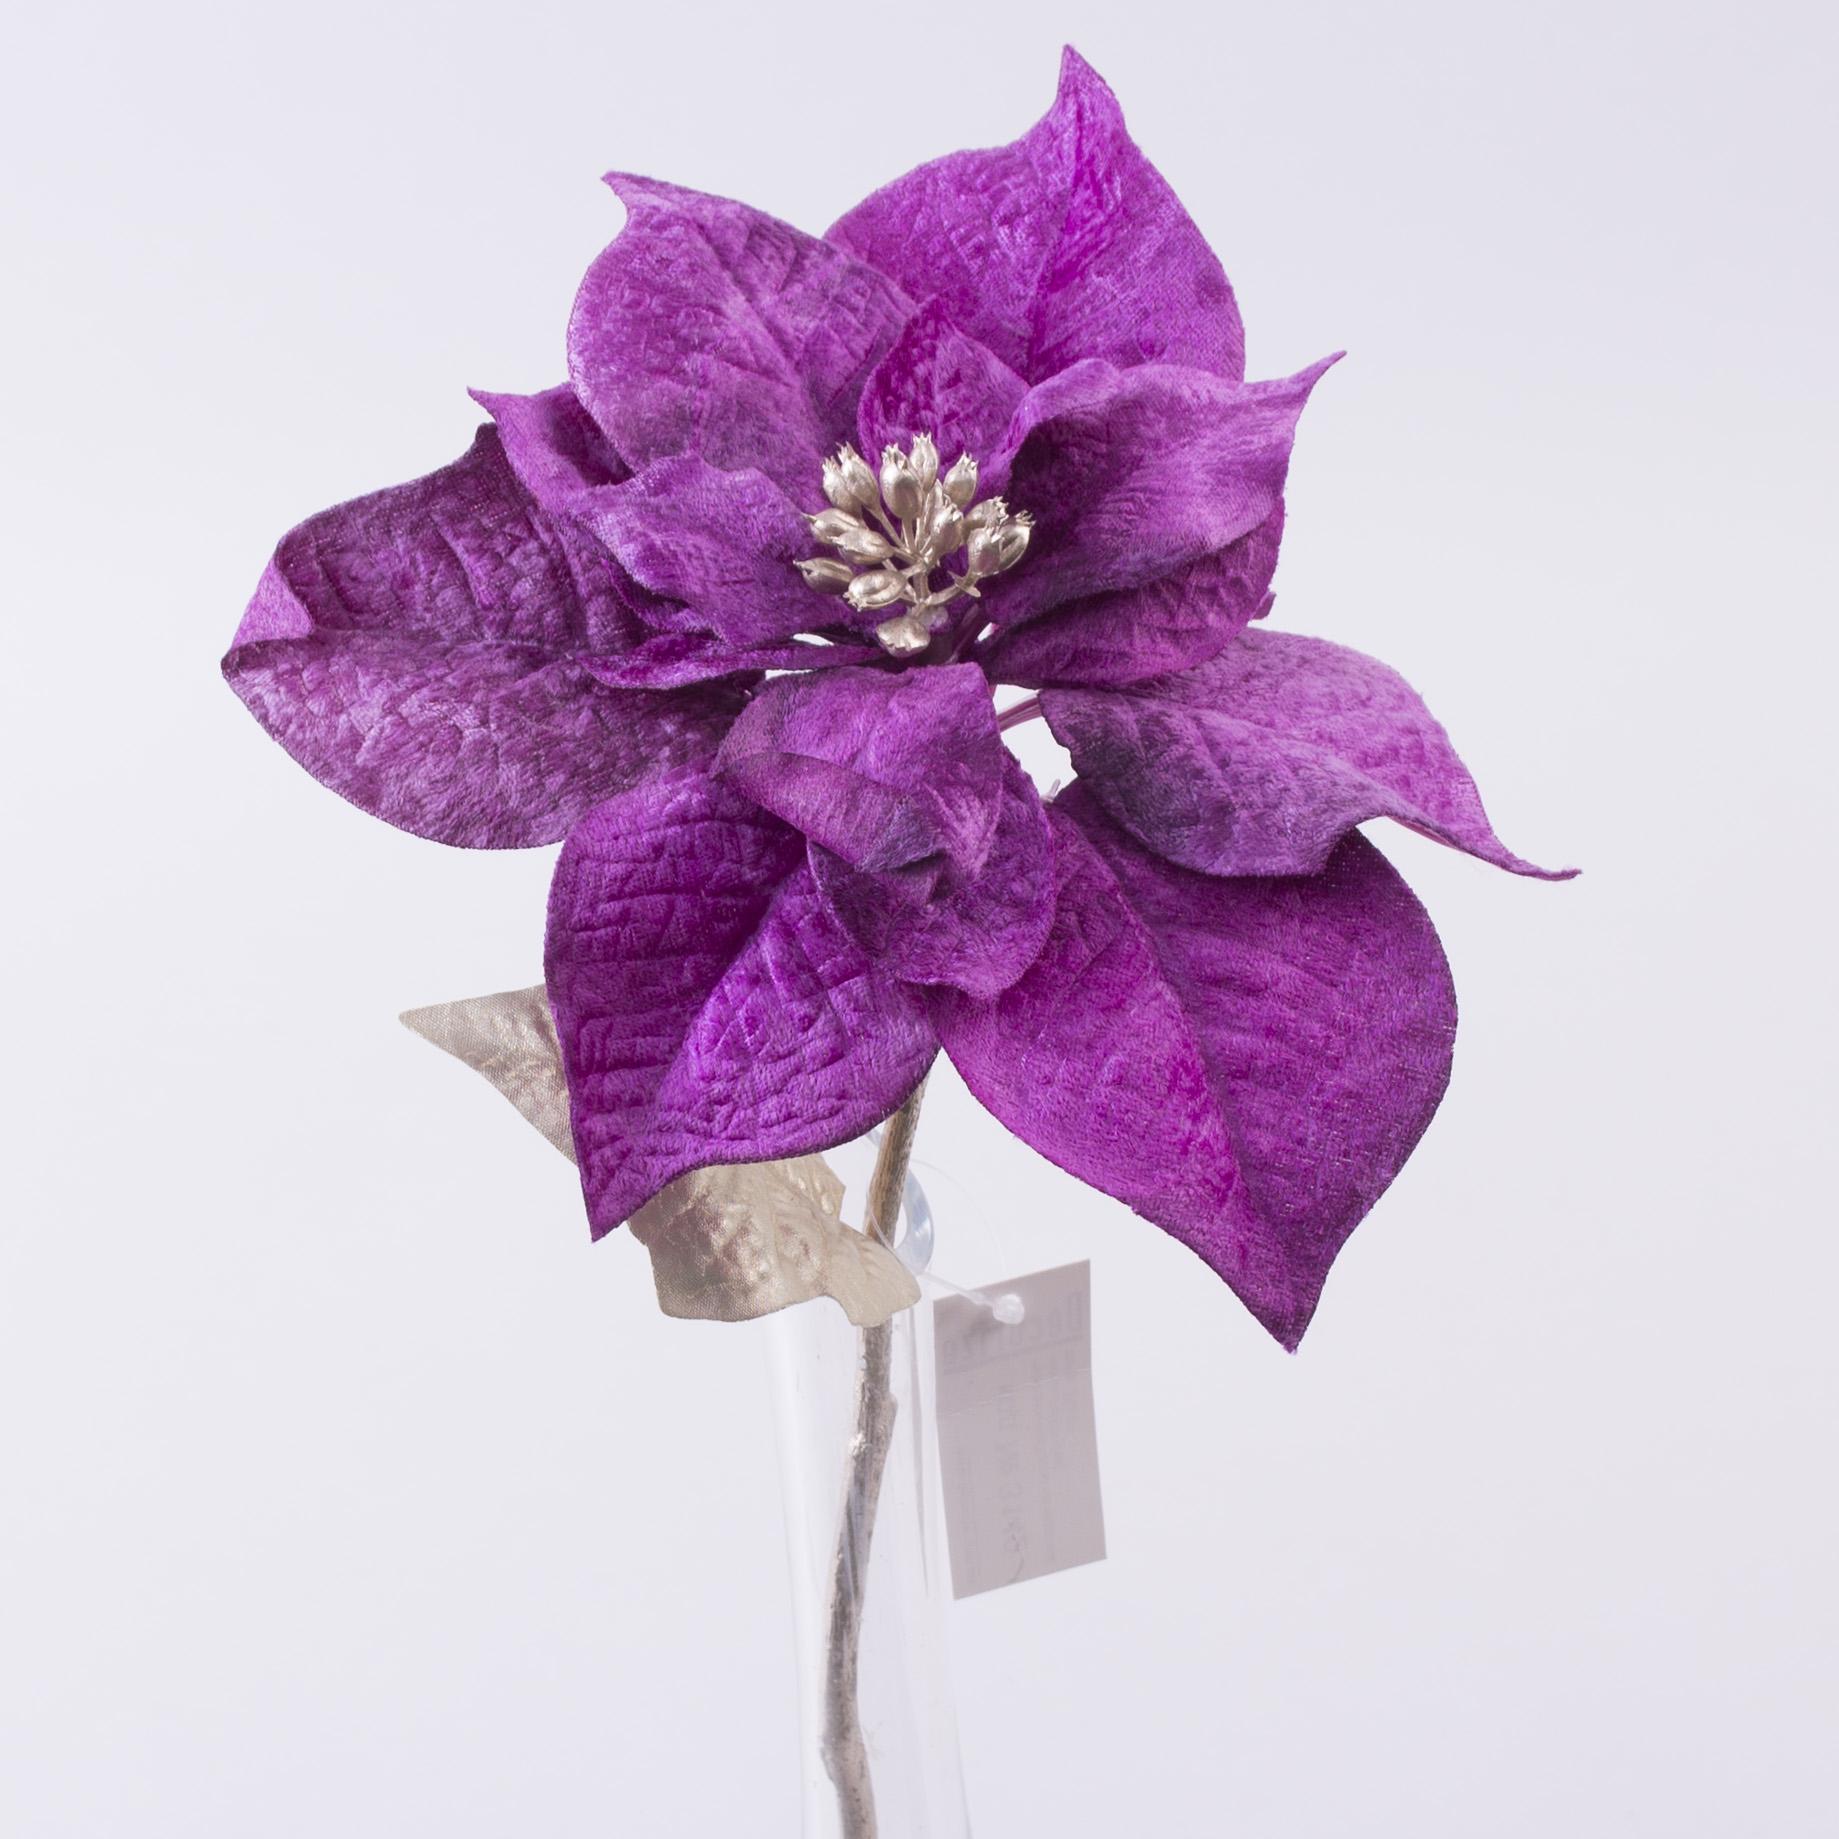 пуансетия бархатная короткая (фиолетовая- PU-01)